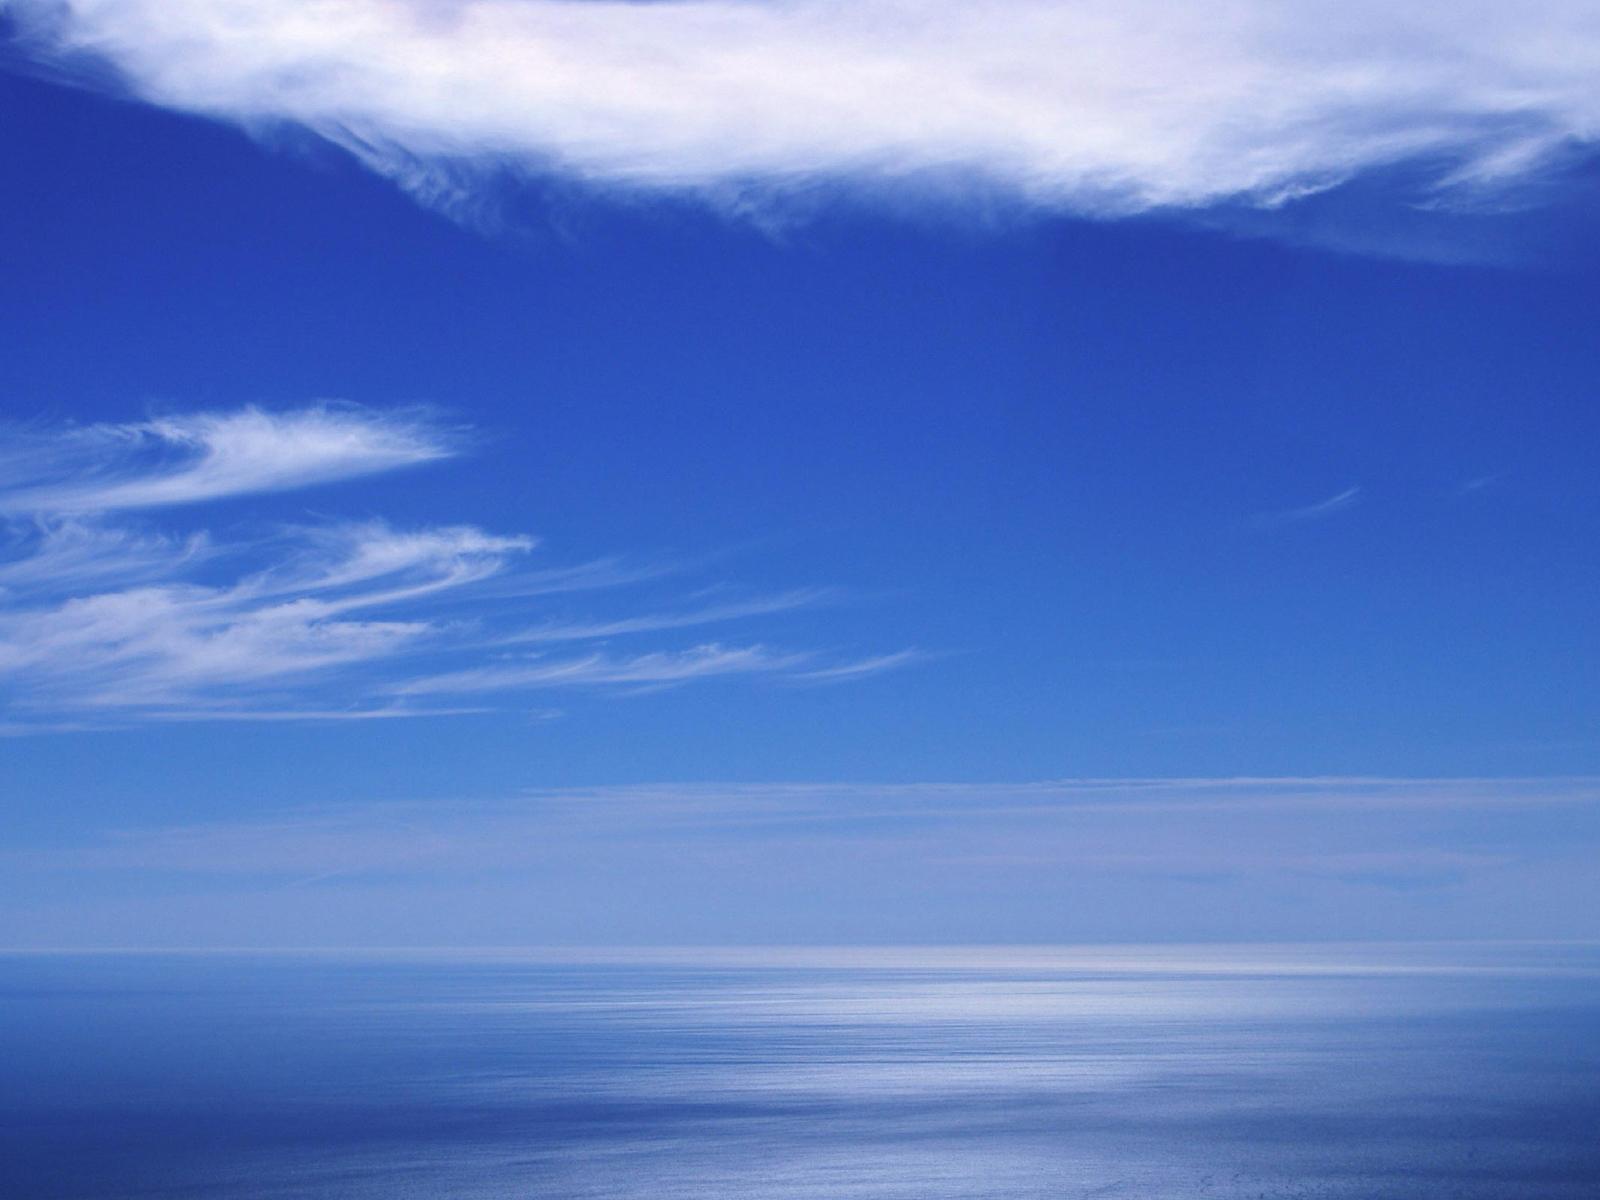 3094-ciel-de-nuages-WallFizz